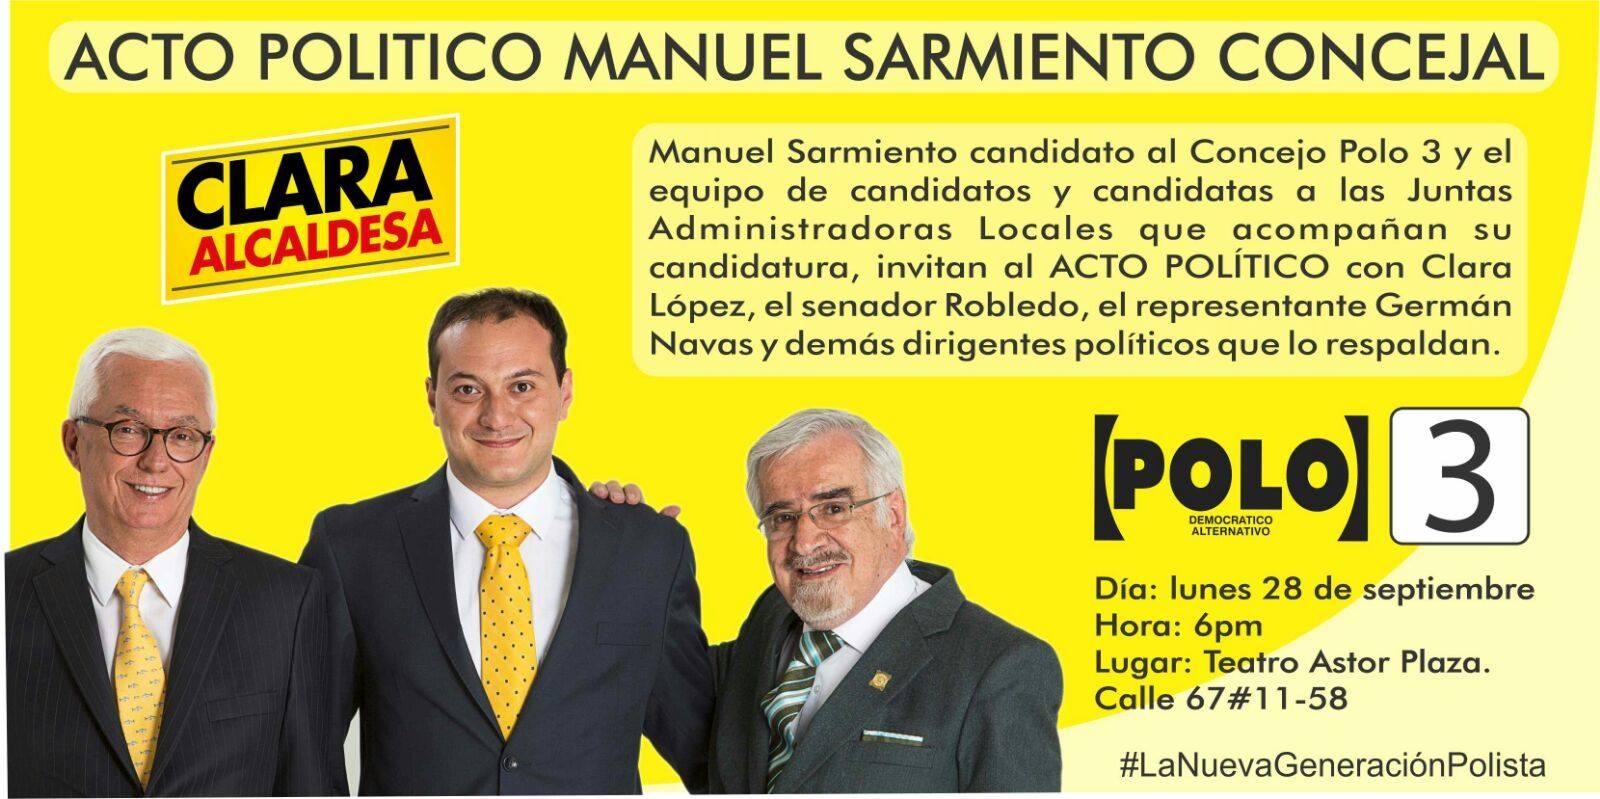 [HOY] ACTO POLÍTICO MANUEL SARMIENTO CONCEJAL